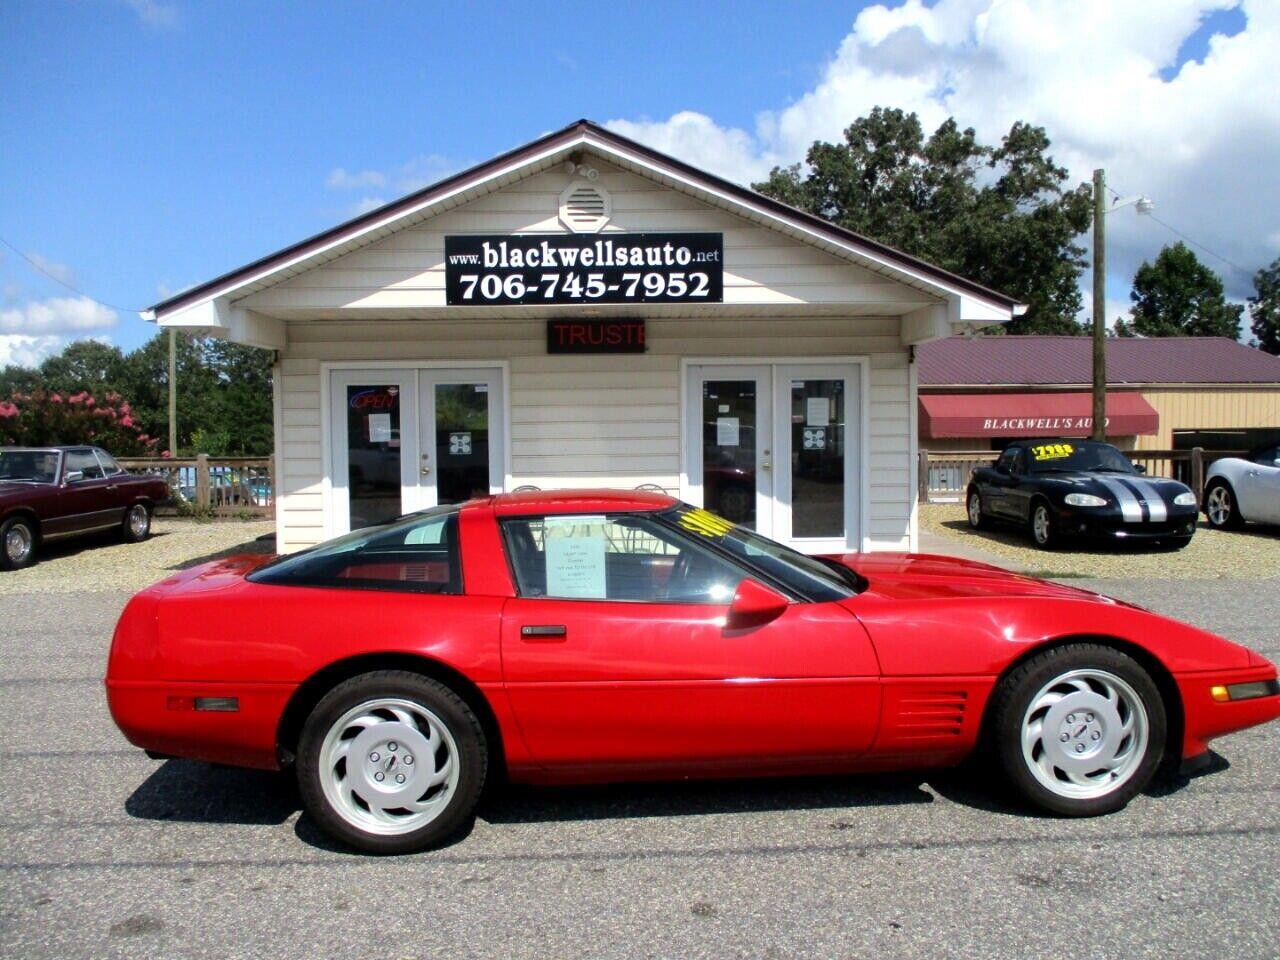 1991 Red Chevrolet Corvette Coupe    C4 Corvette Photo 2